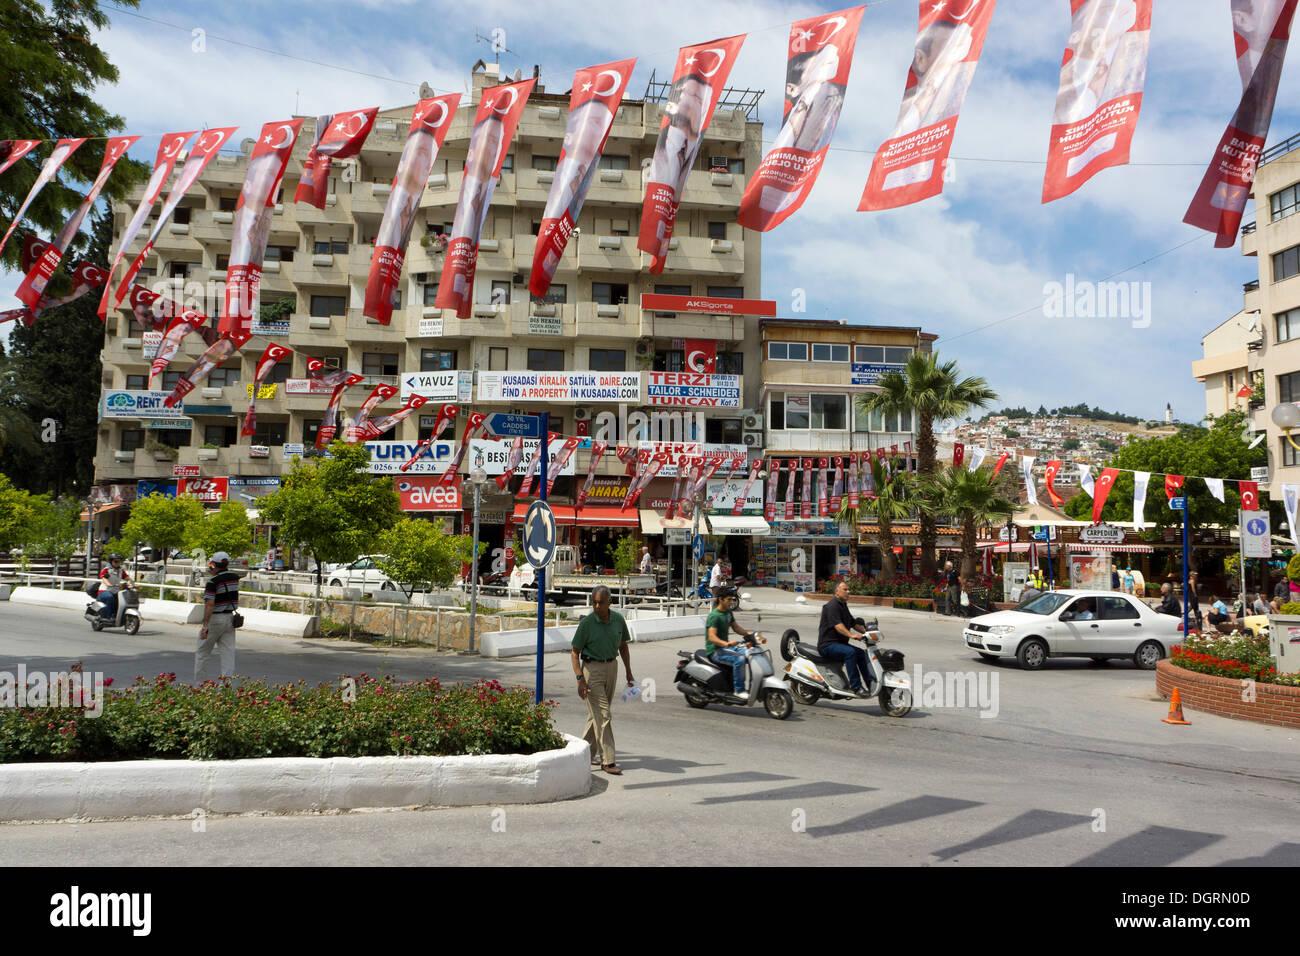 Kusadasi Turkey And People Stock Photos & Kusadasi Turkey And People Stock Images